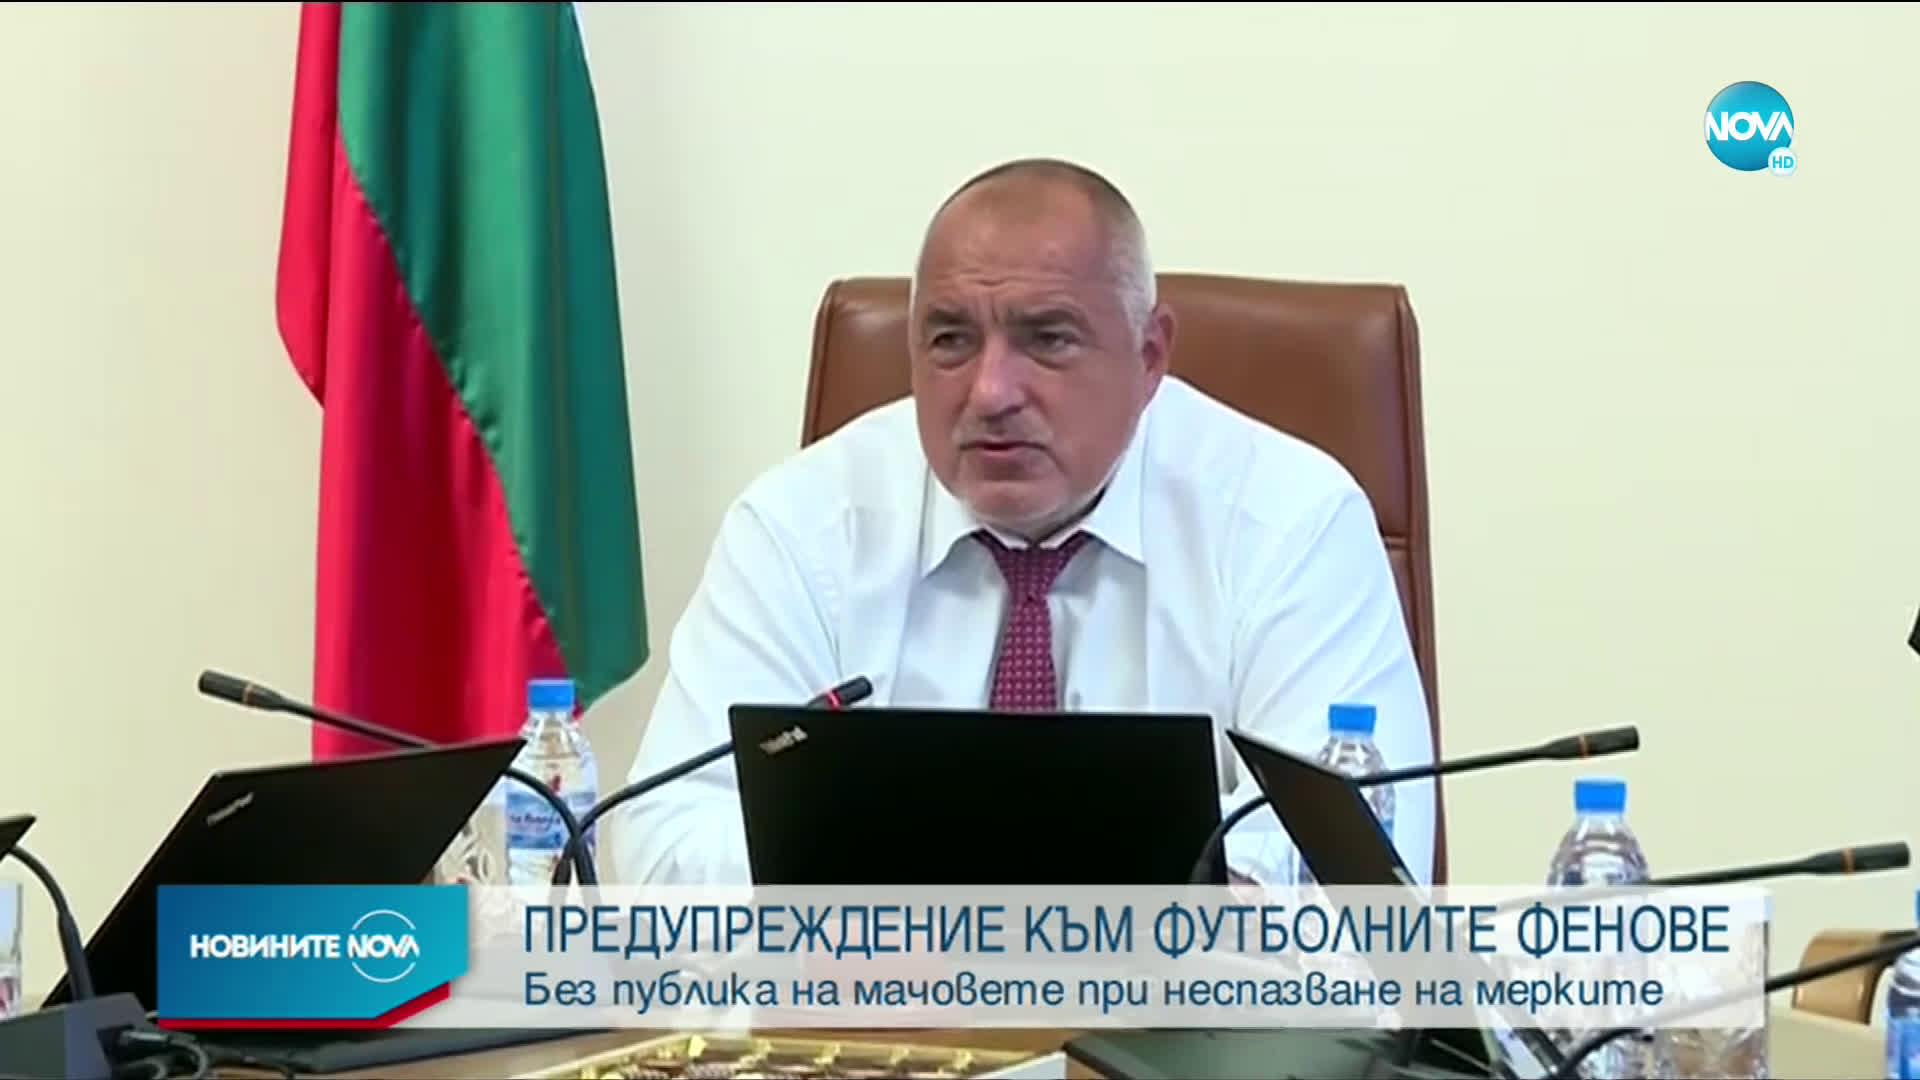 Бойко Борисов с красноречиво предупреждение към феновете